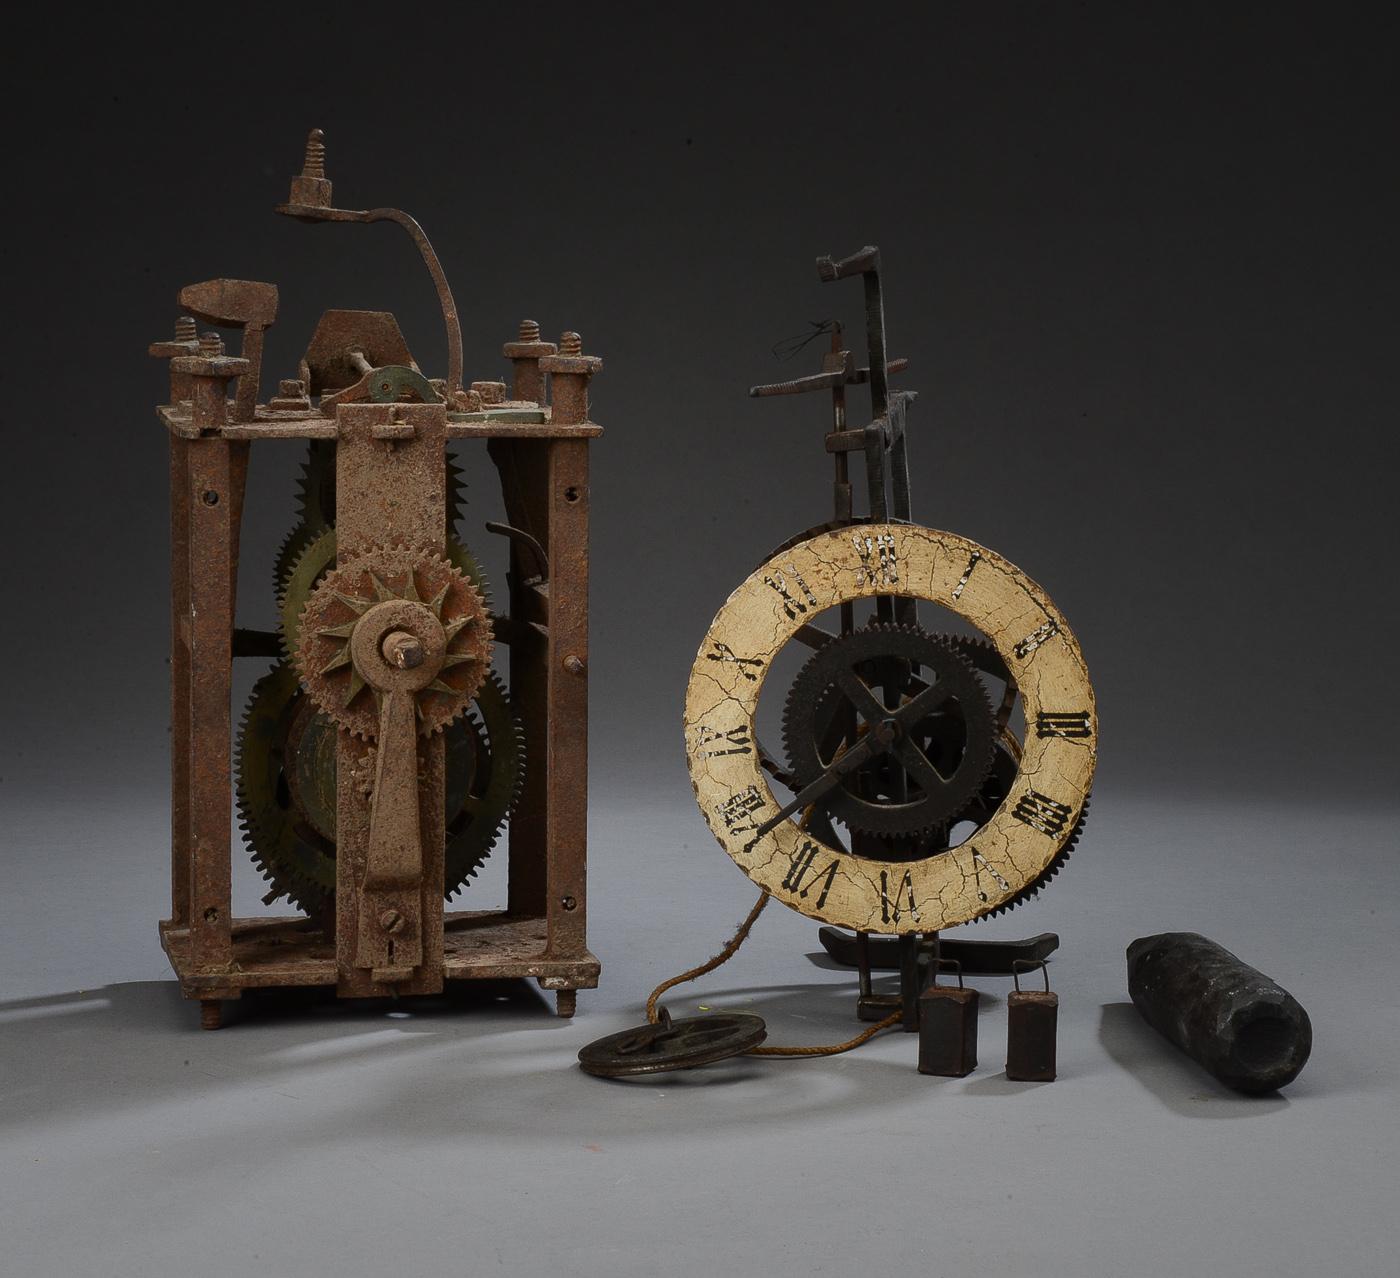 Tårnur samt bordur af jern - Tårnure af jern med lodder, 1700-tallet. H. 34 B. 15 D. 16,5 cm. Klokke mangler. Bordur af jern, bemalet urskive. H. 26 cm. Fremstår med kraftig slitage, rust